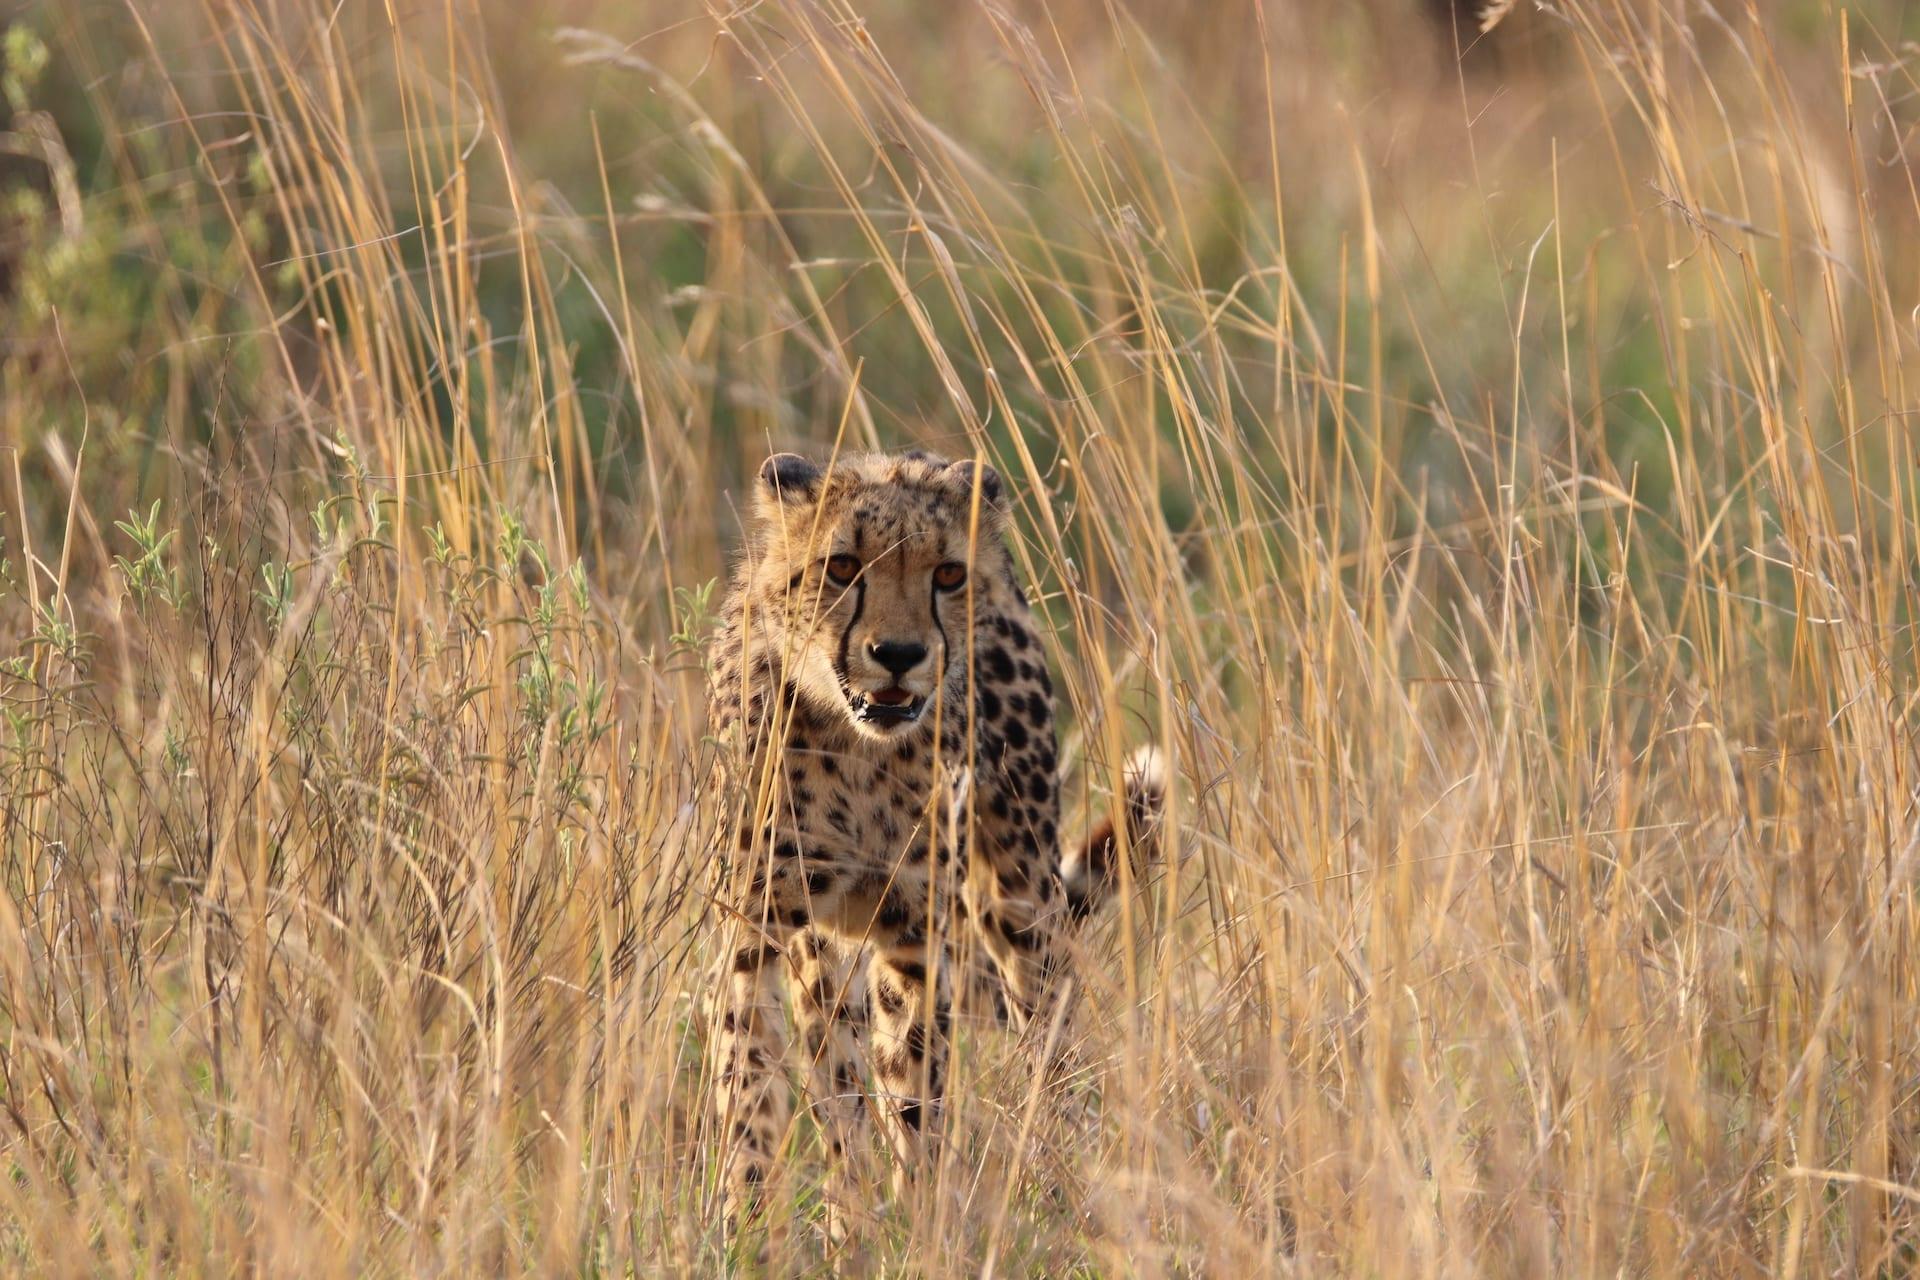 ALGEMEEN - ZA - Nkomazi - cheetah 2 NOV 2019